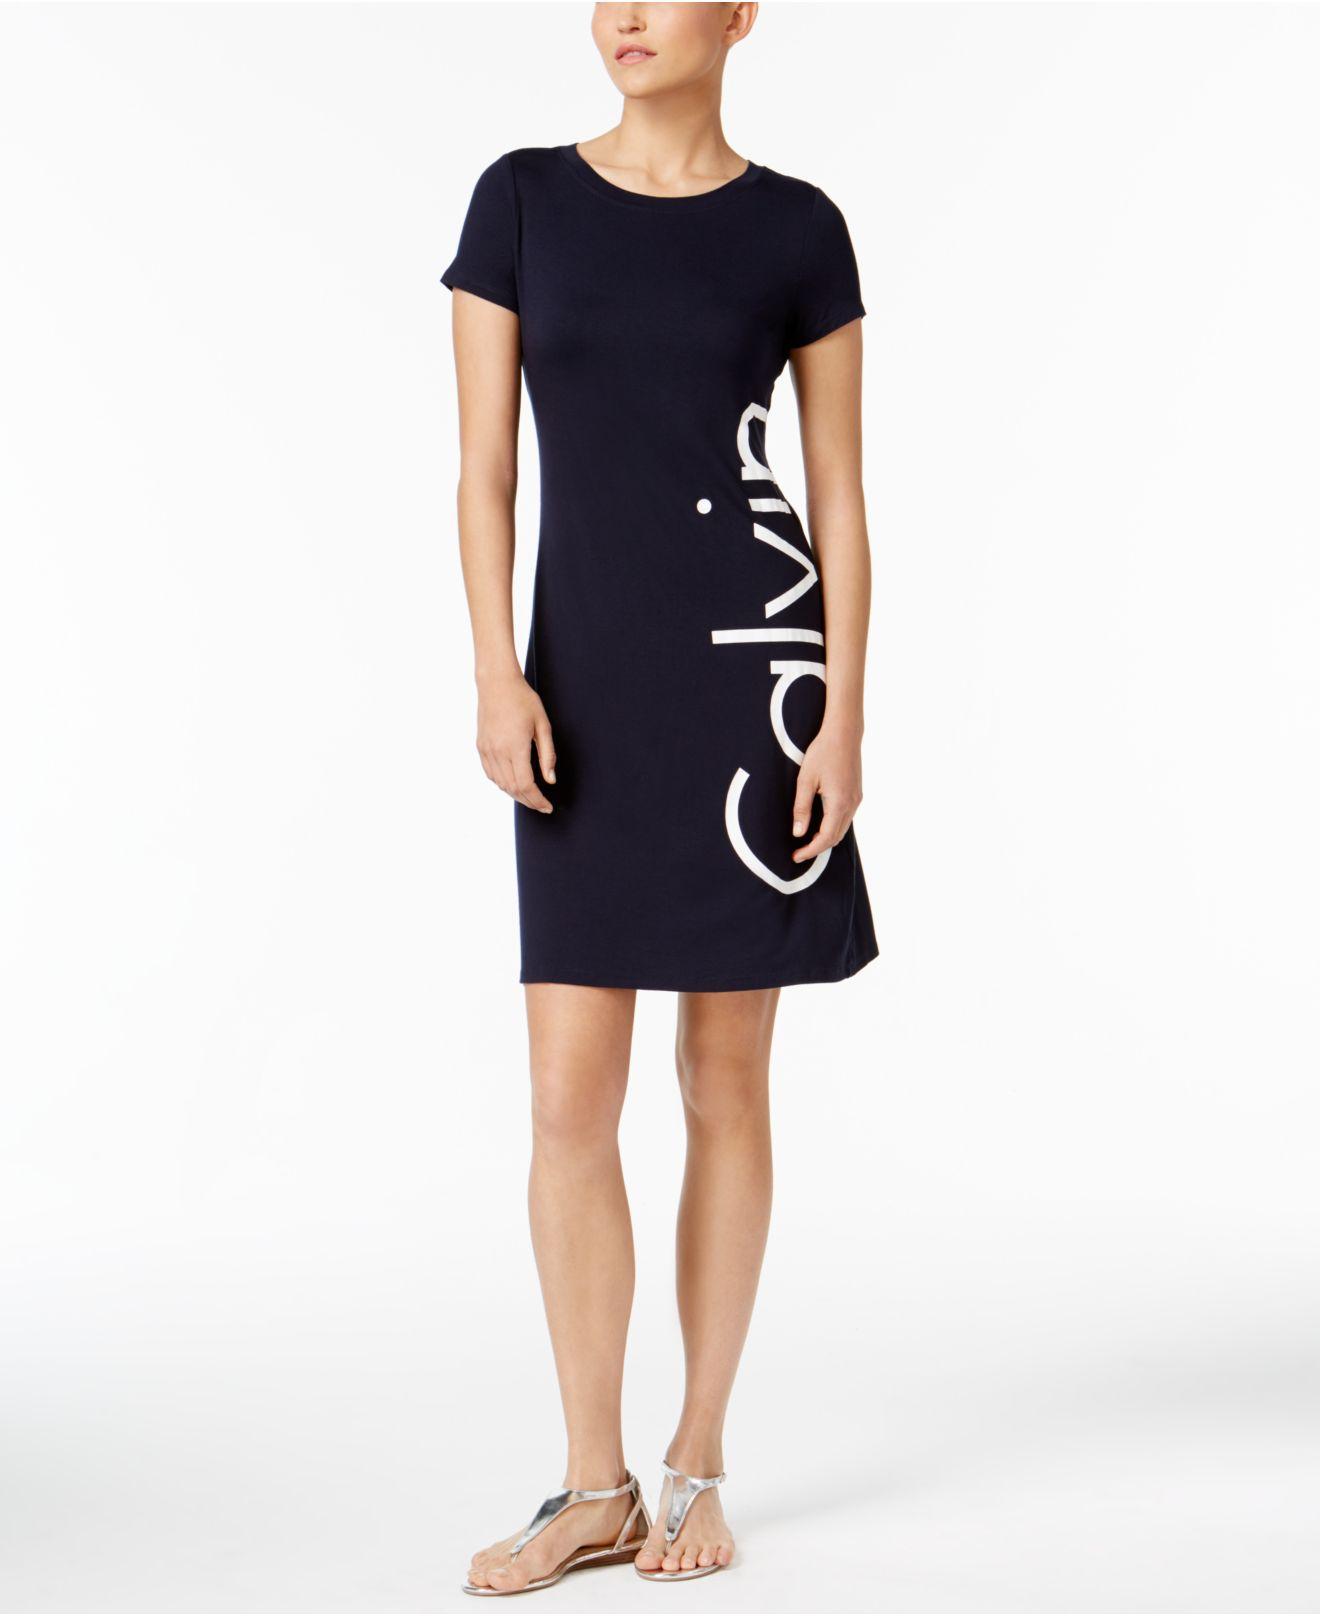 Lyst calvin klein logo t shirt dress in blue for Logo t shirt dress